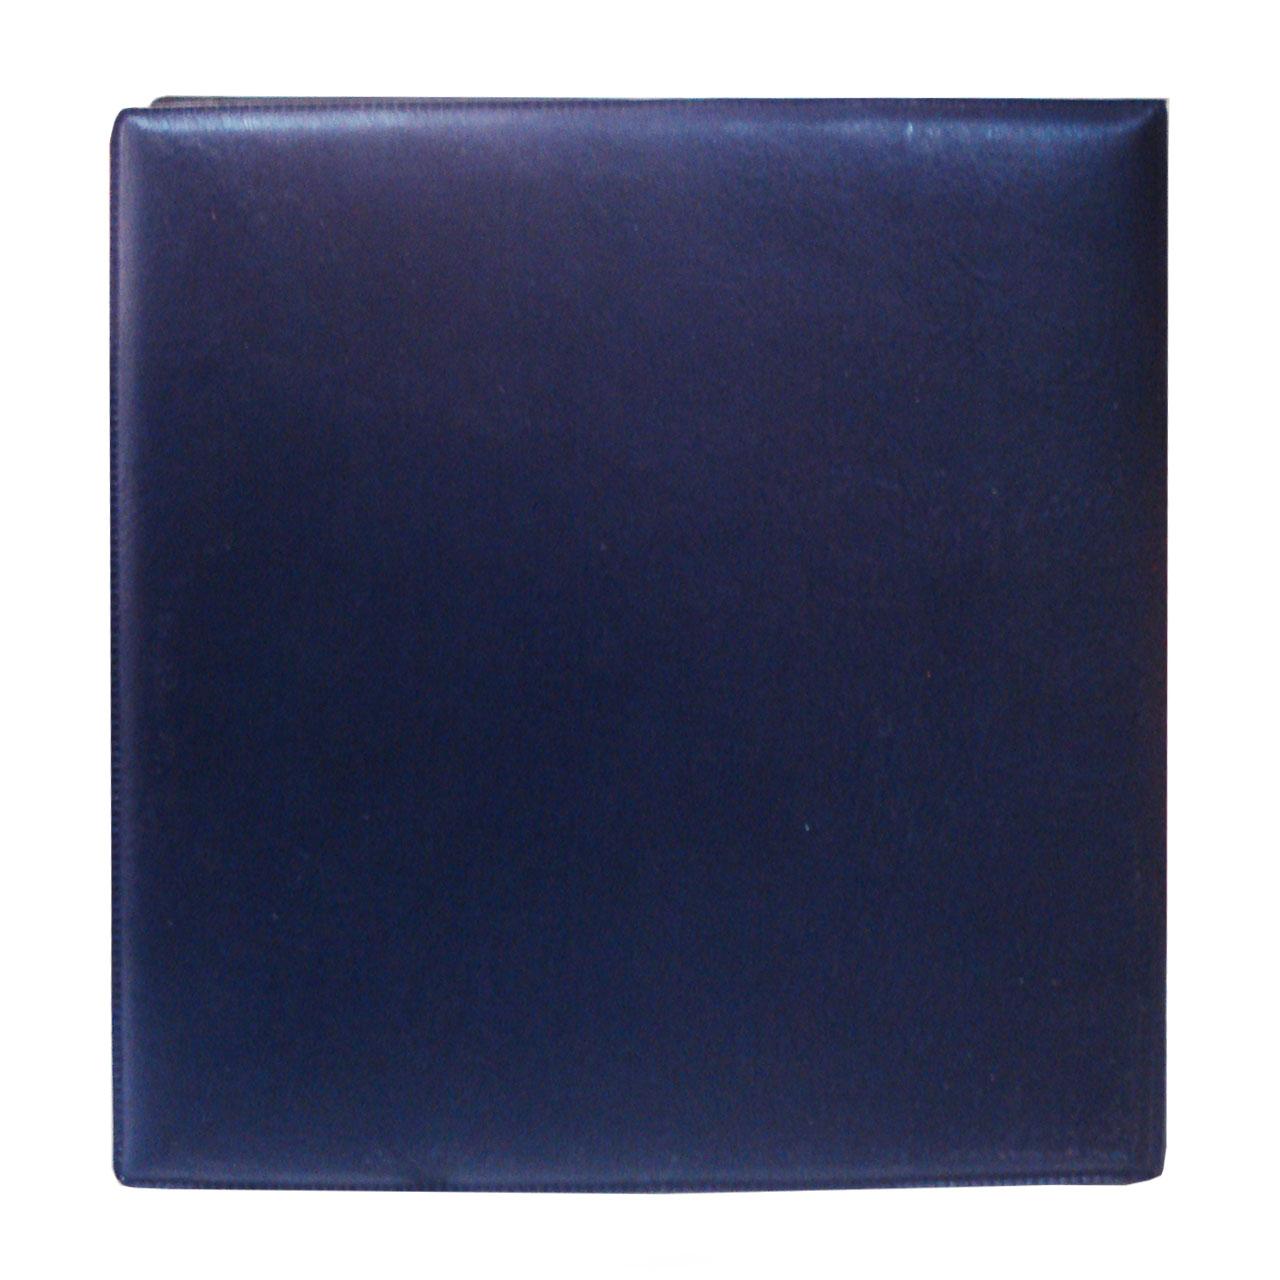 آلبوم اسکناس مدل B670